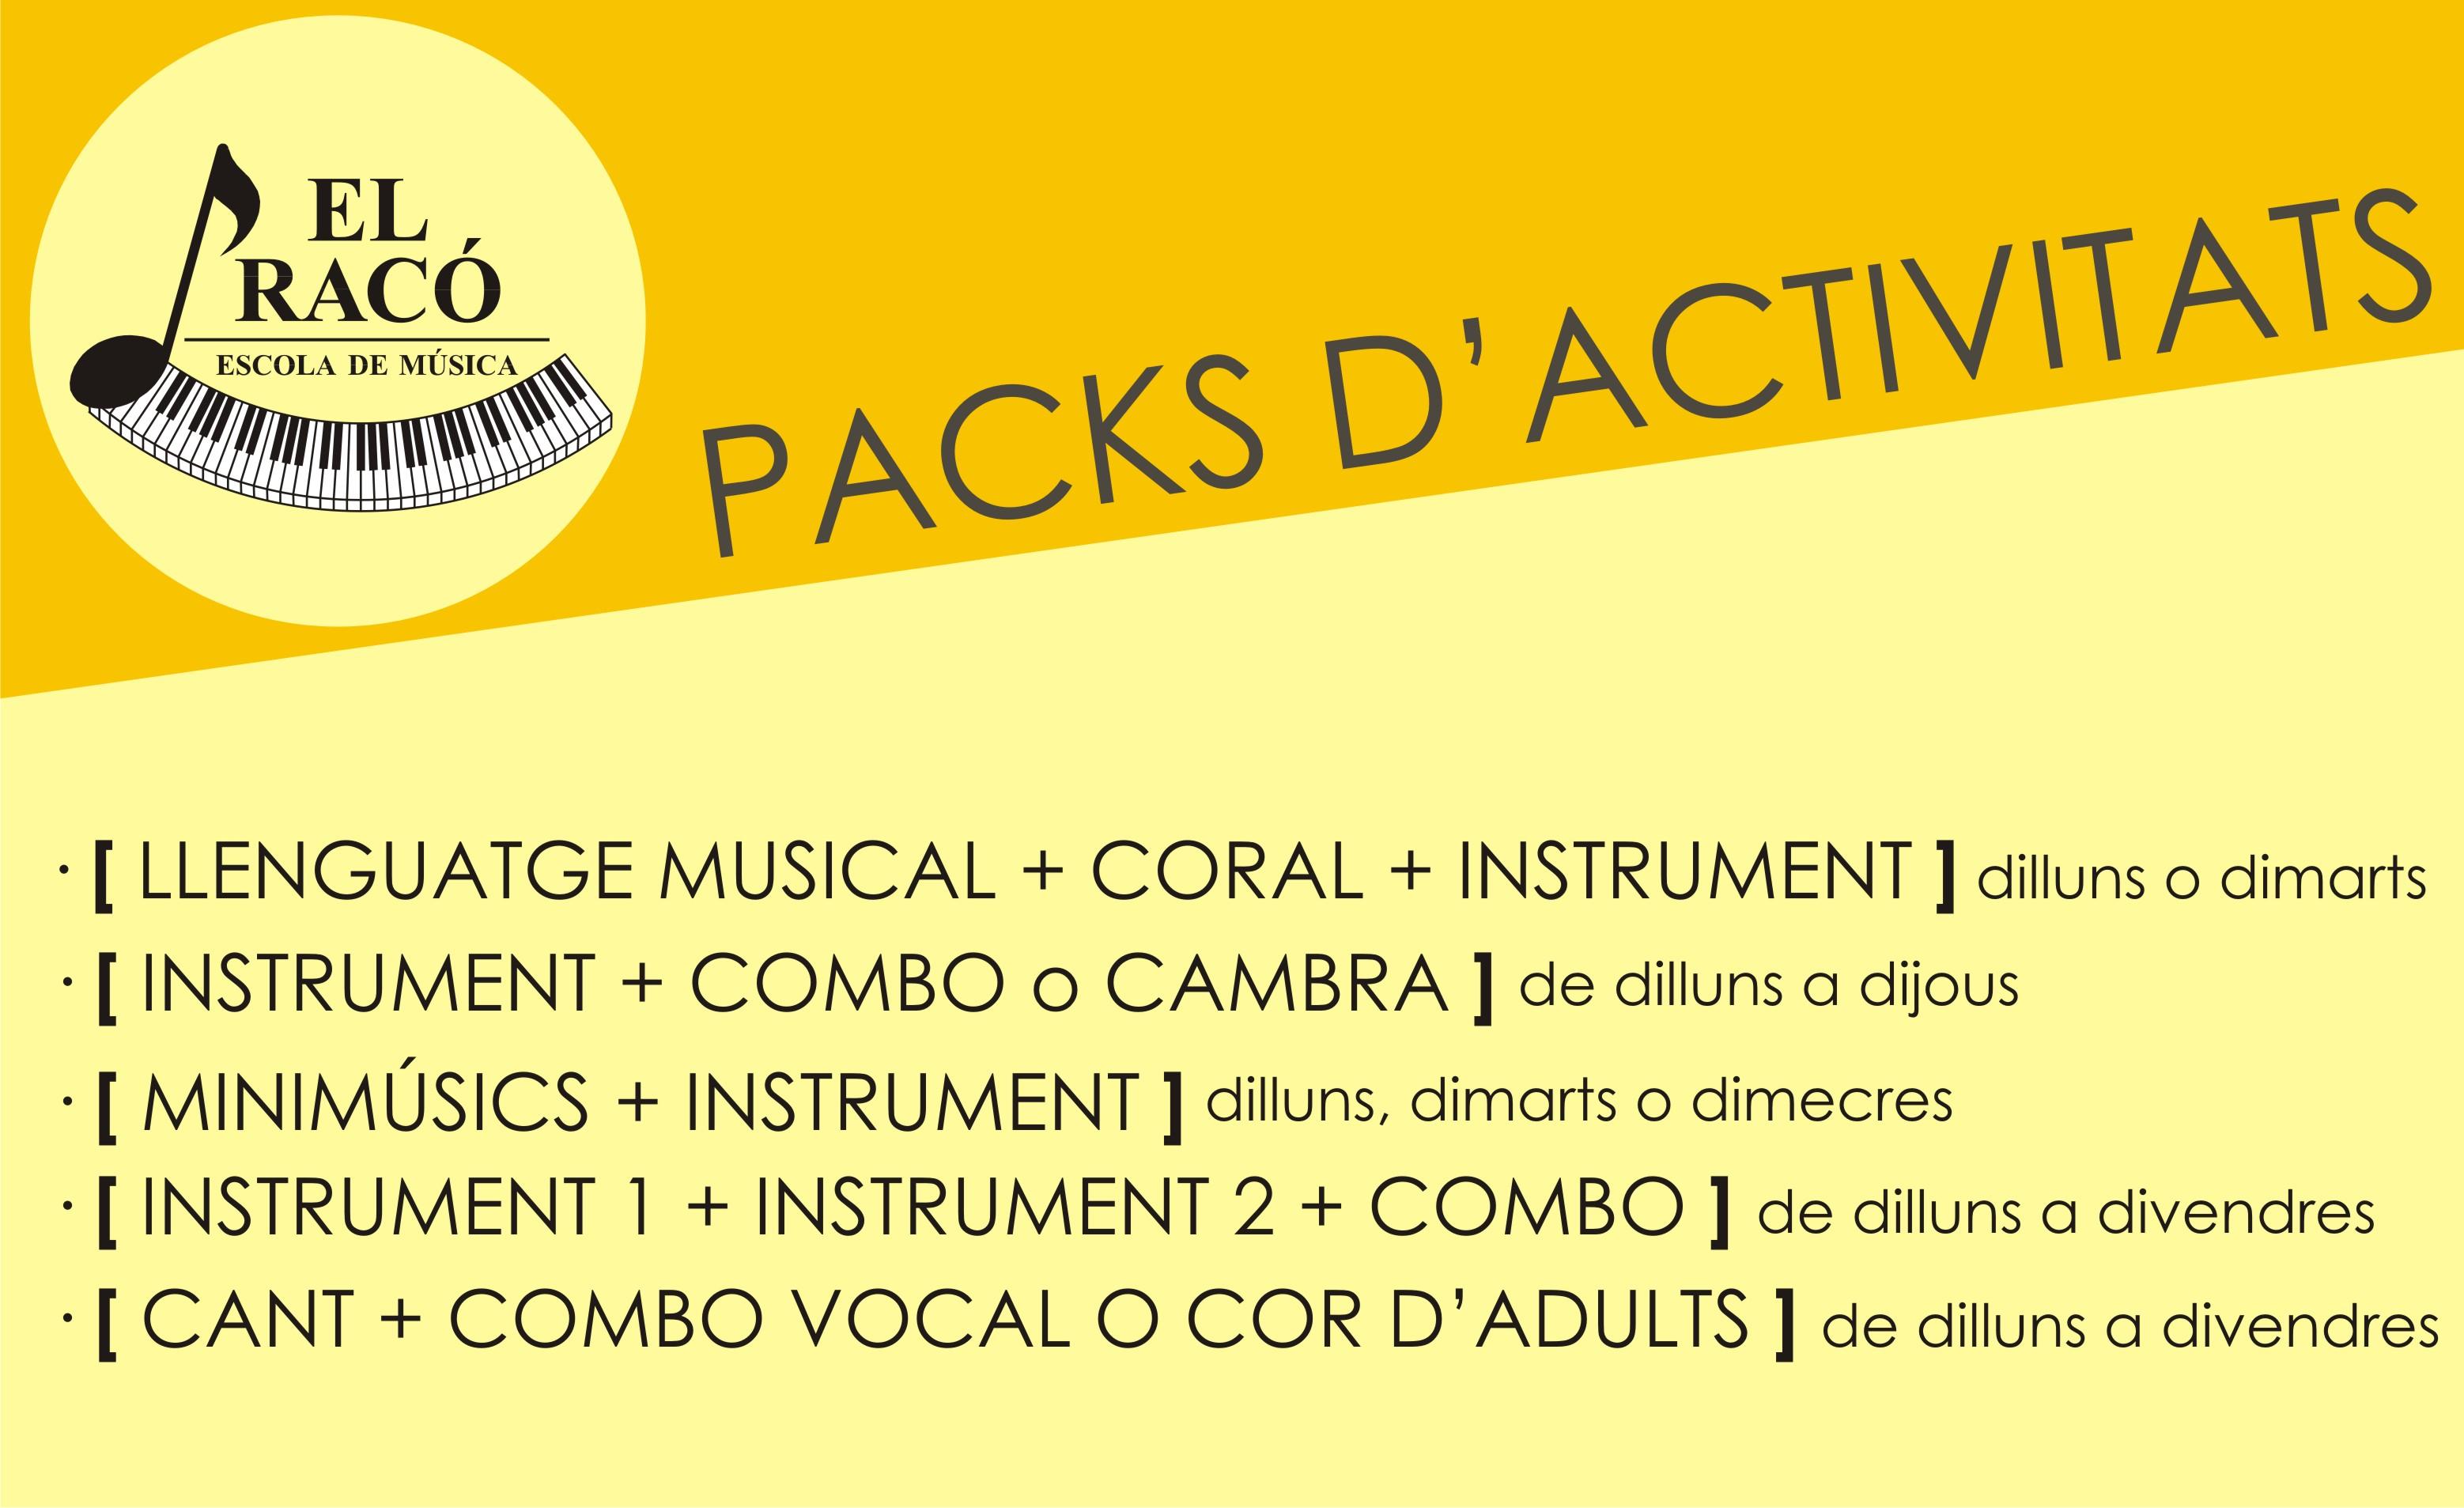 Packs d'activitats263